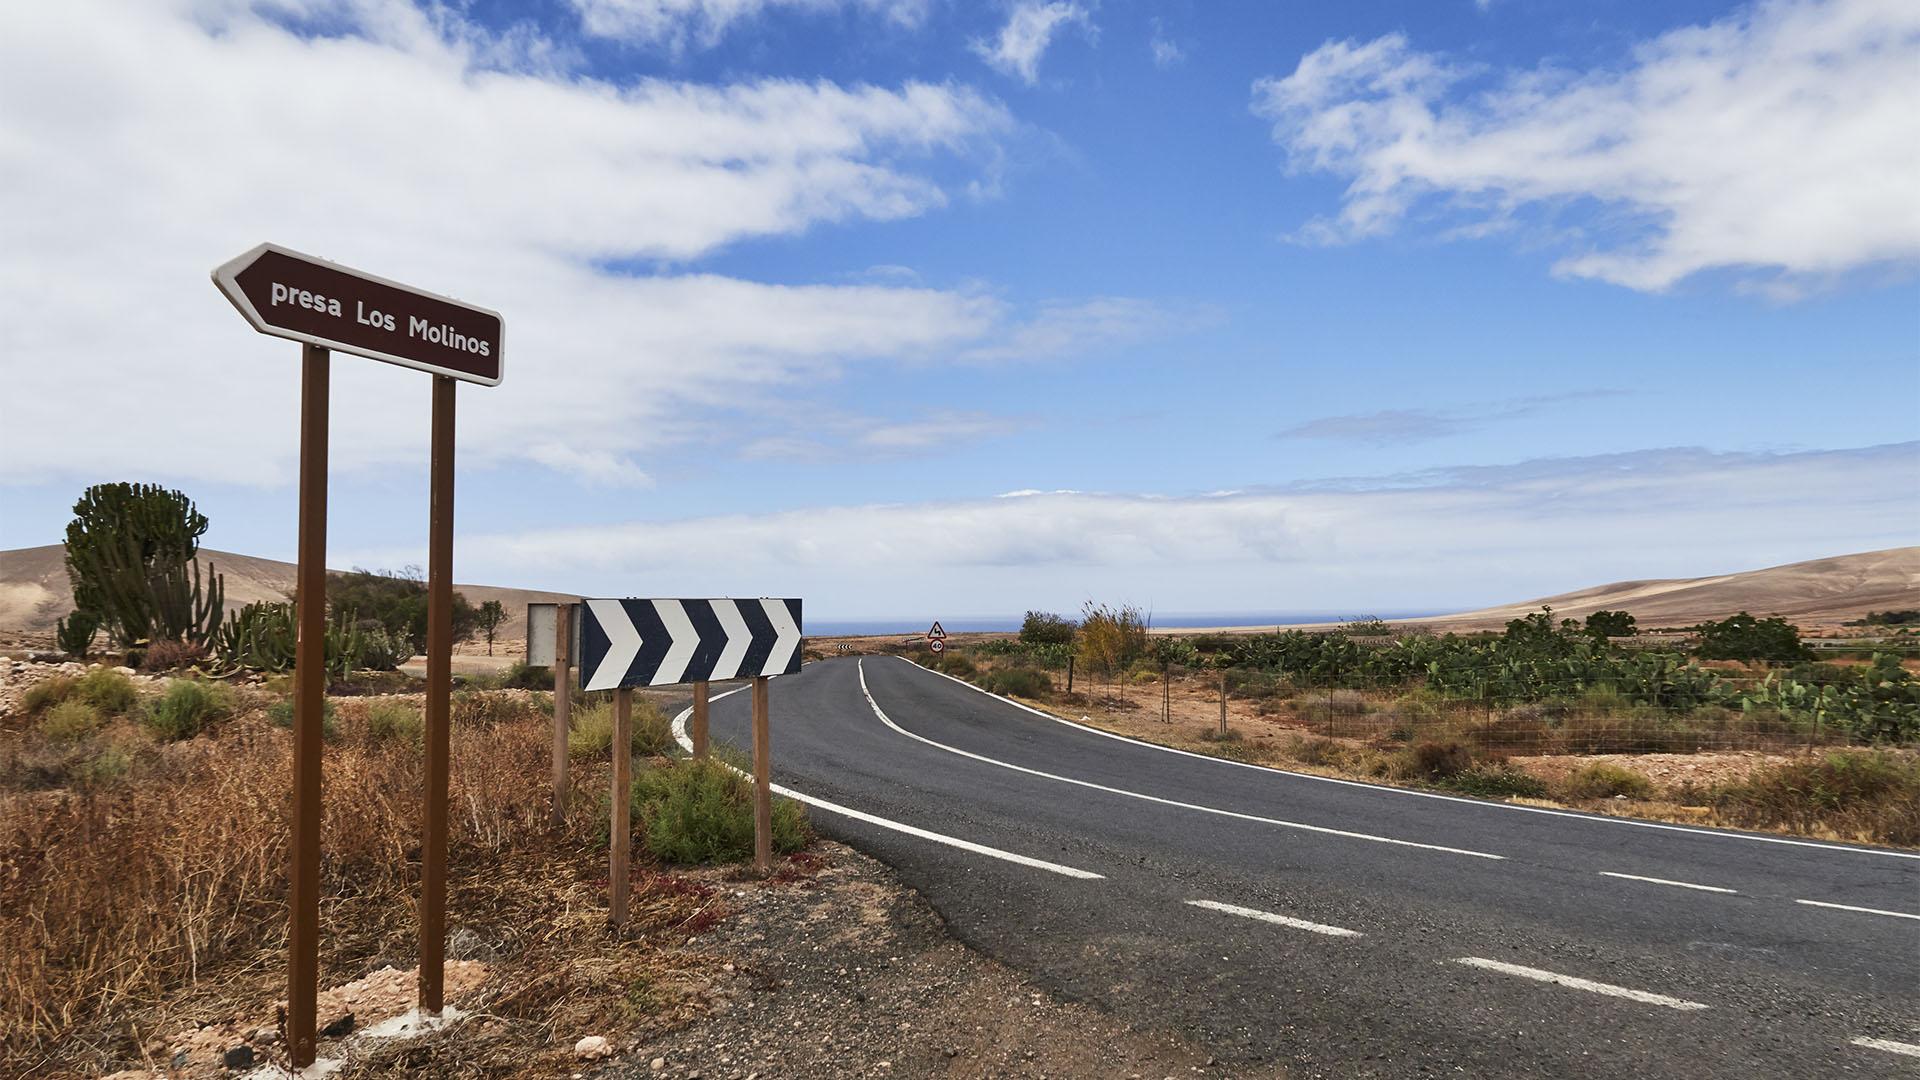 Der Abzweig zum Embalse de Los Molinos Fuerteventura.